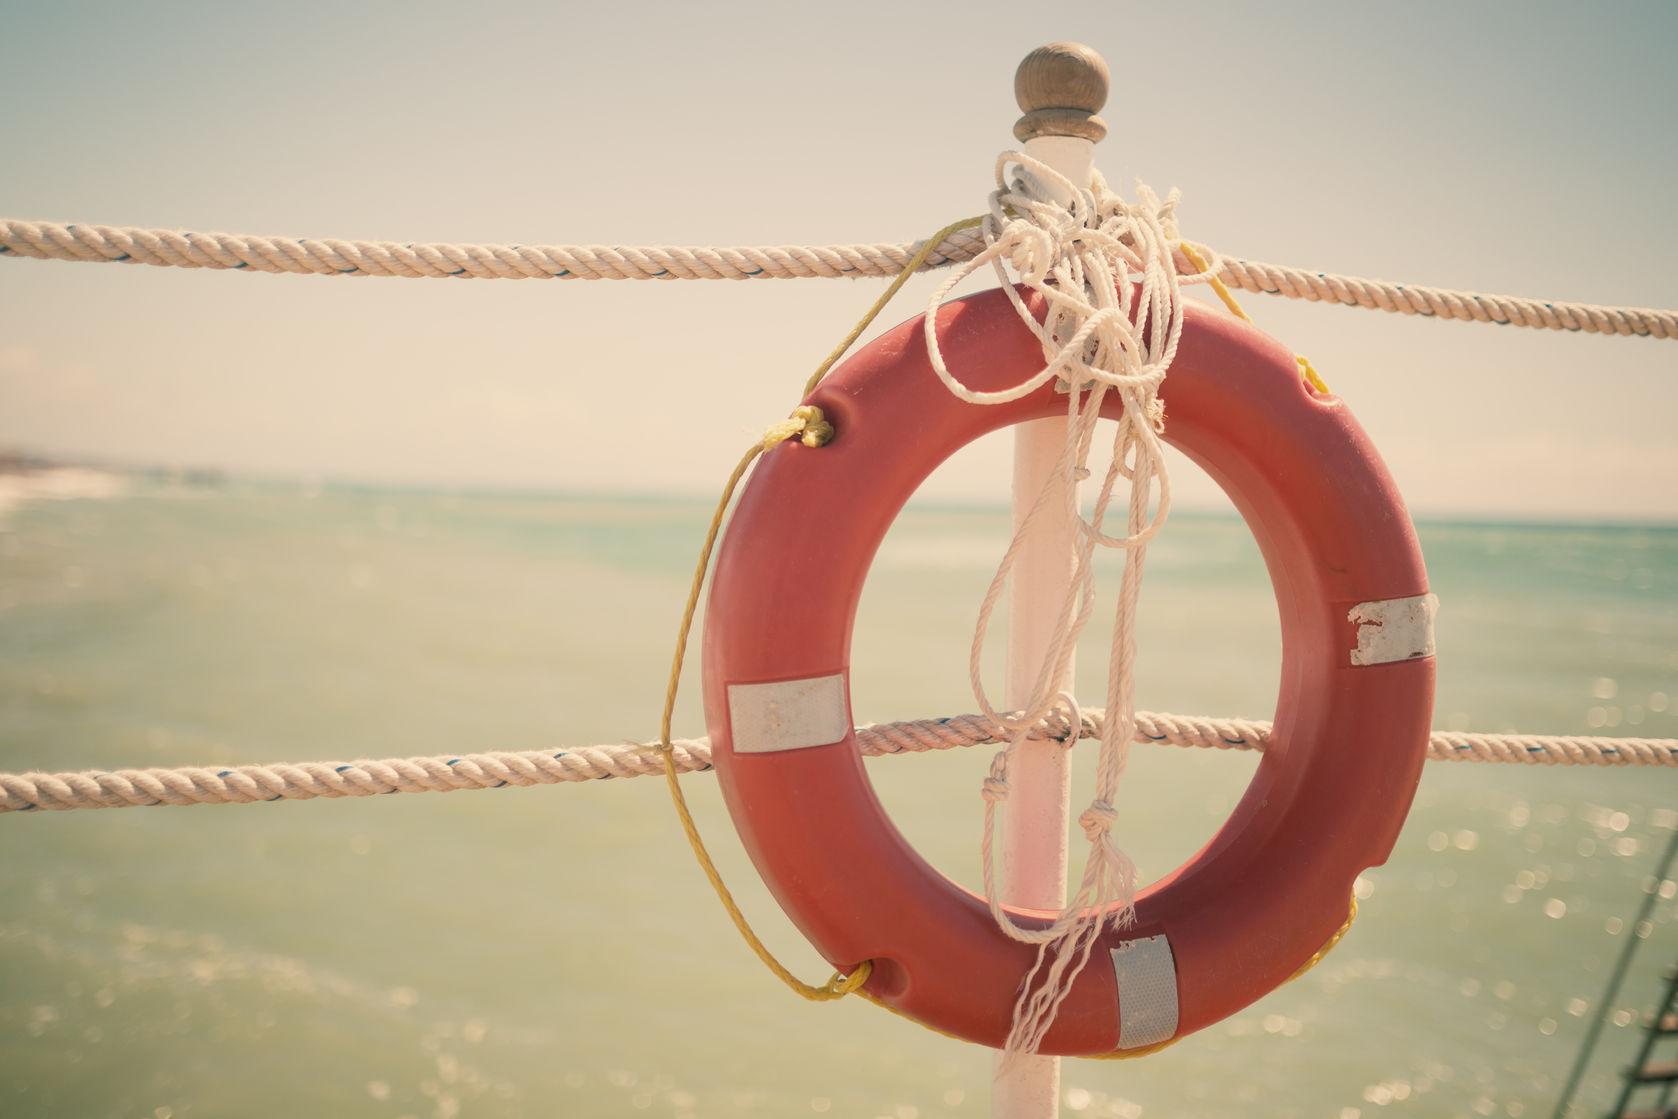 Helbredelse og frelse – to sider av samme sak